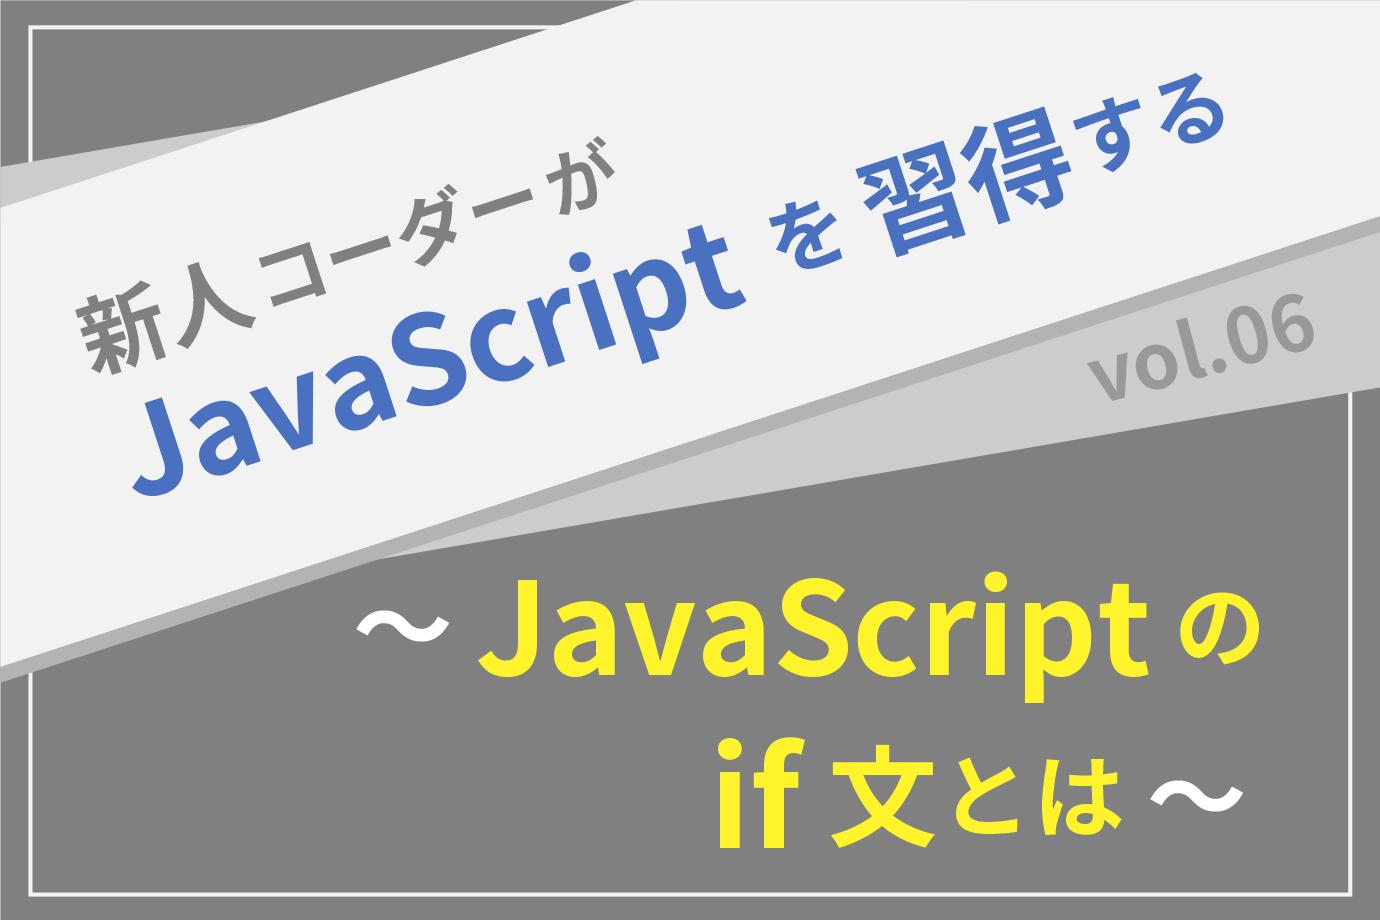 【新人コーダーがJavaScriptを習得する】vol.06 〜JavaScriptのif文とは〜